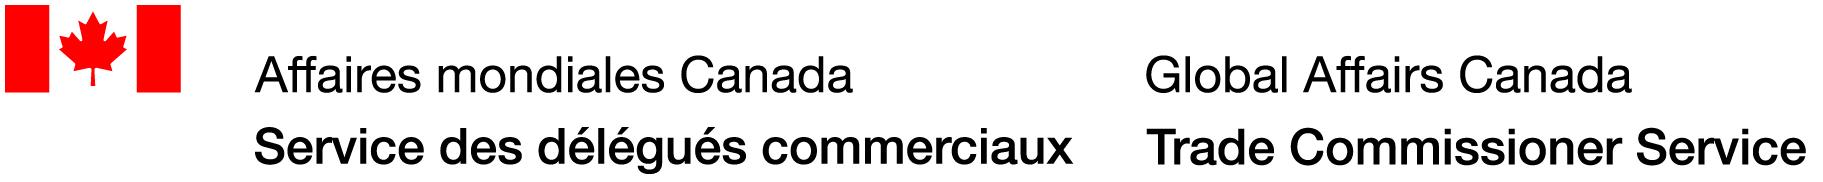 Affairs mondiales Canada Service des délégués commerciaux